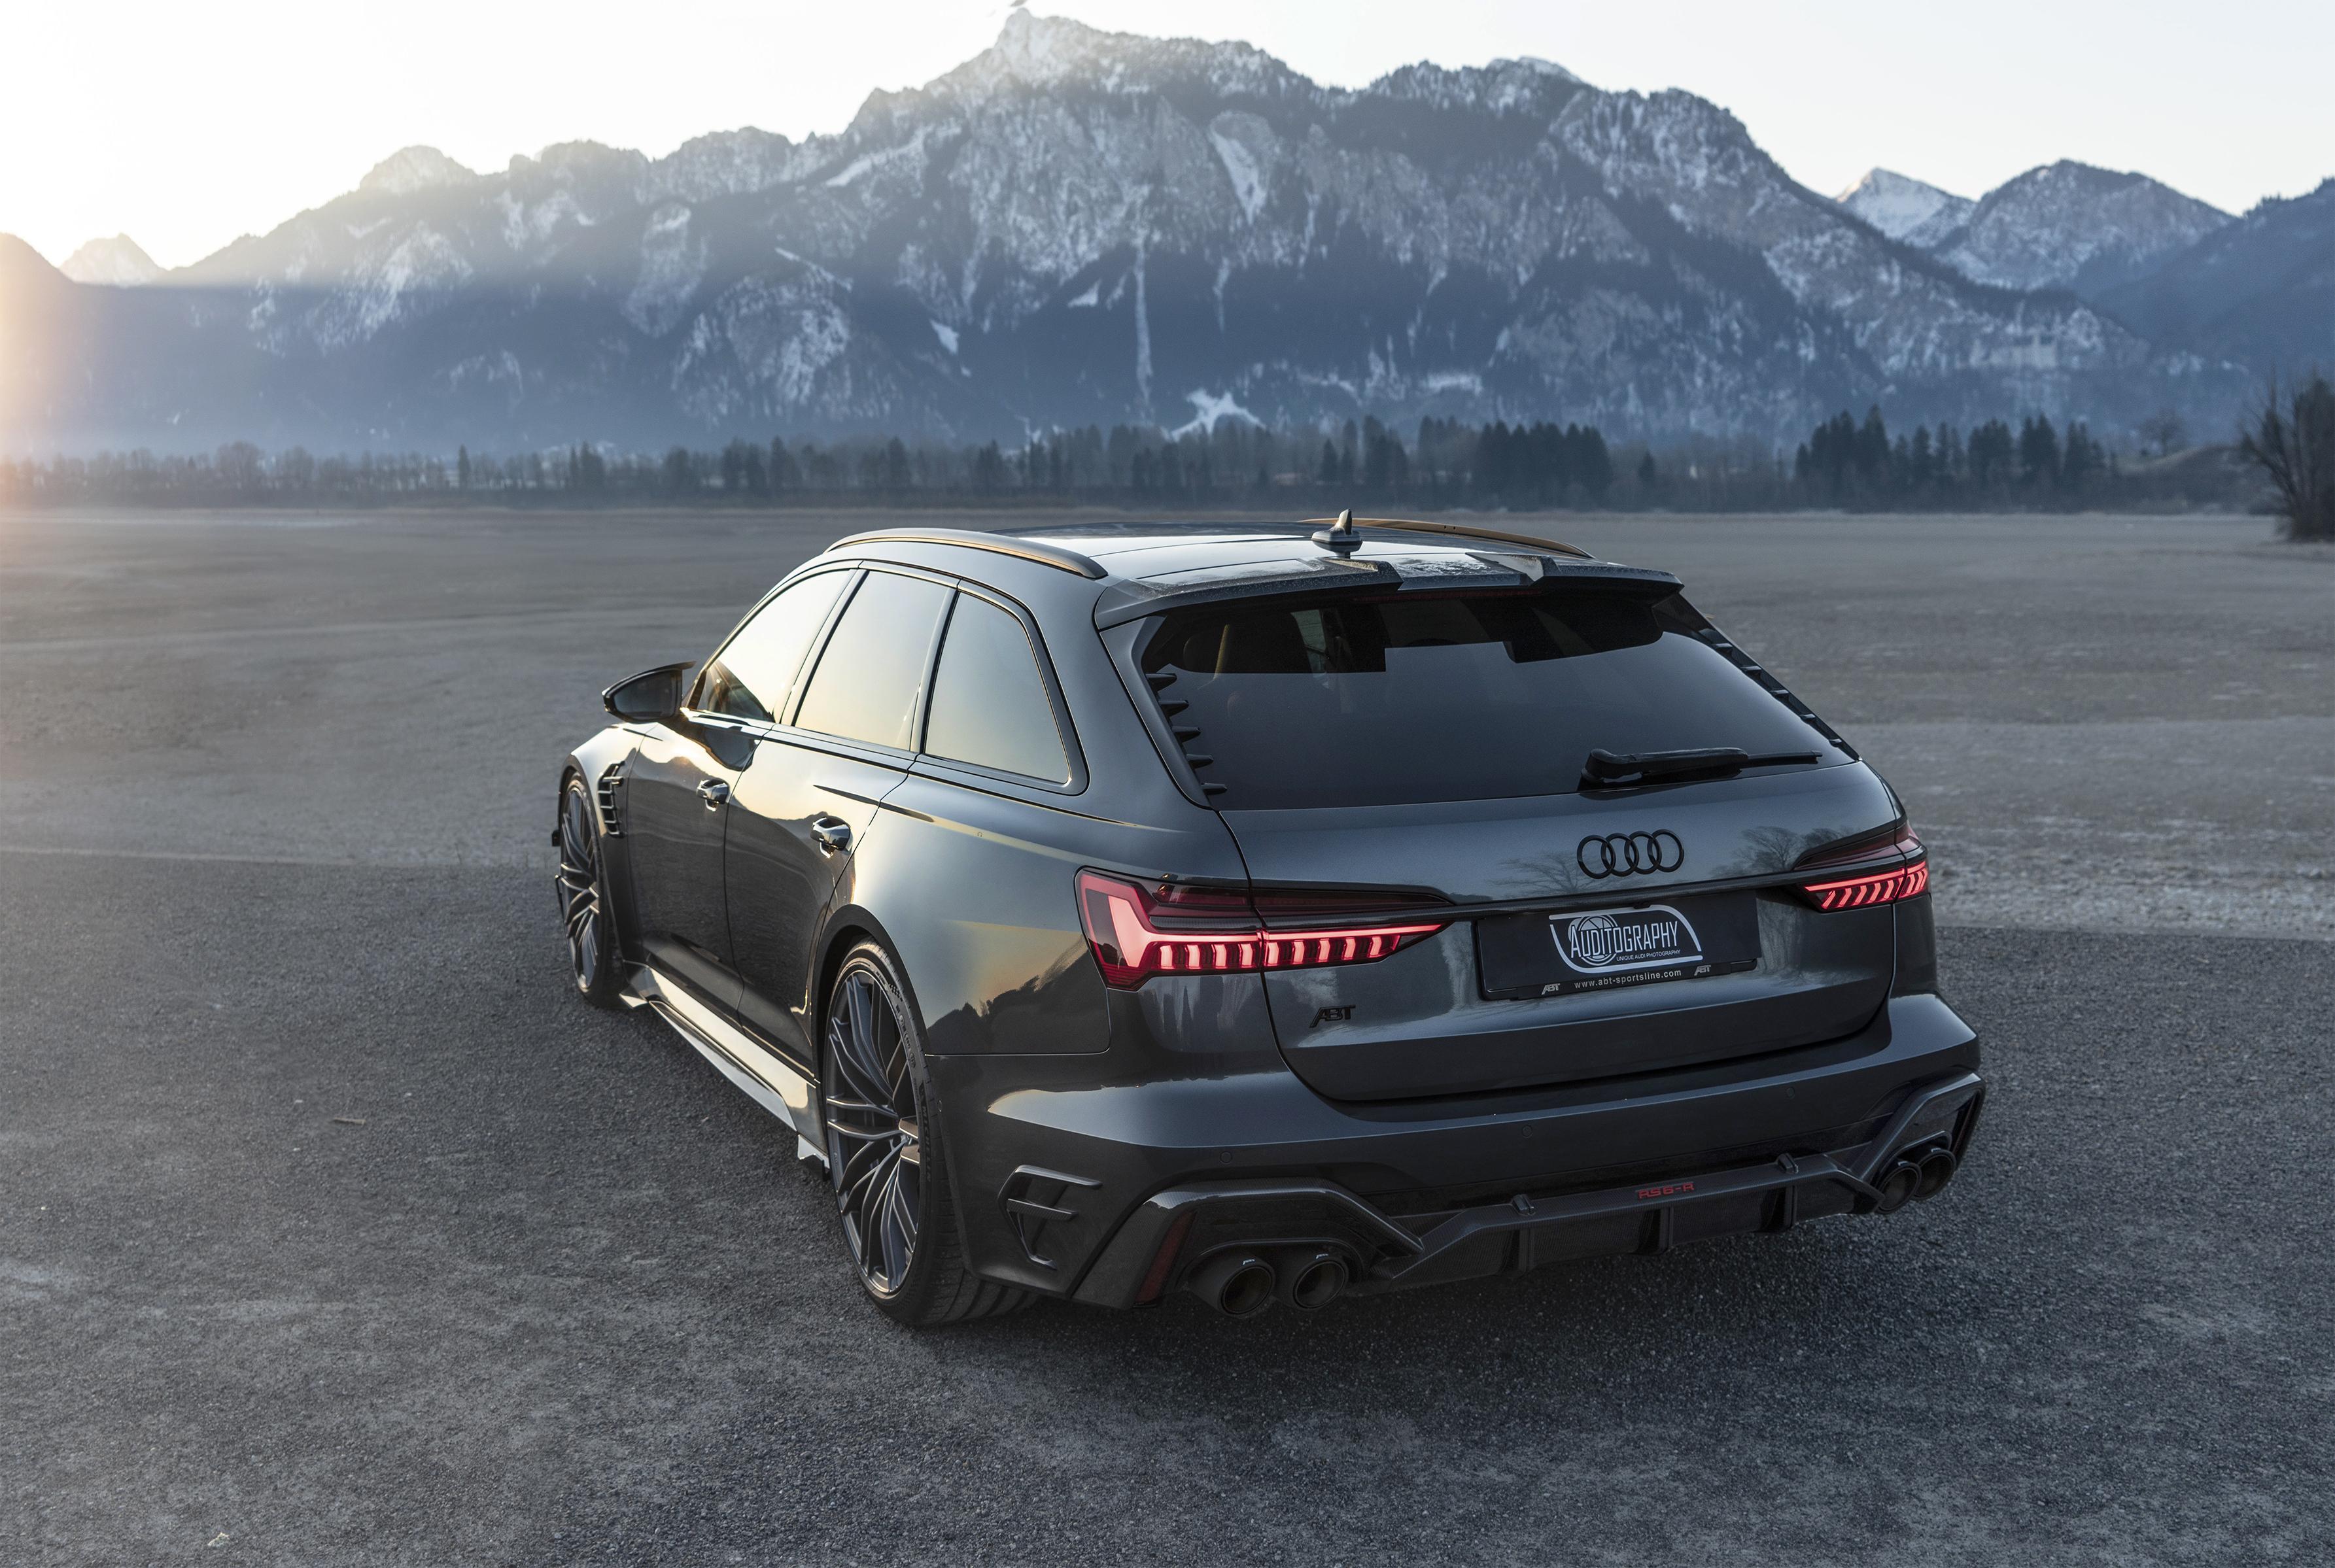 Video + photos: 2021 Audi RS6-R Avant 740hp - premiere shoot